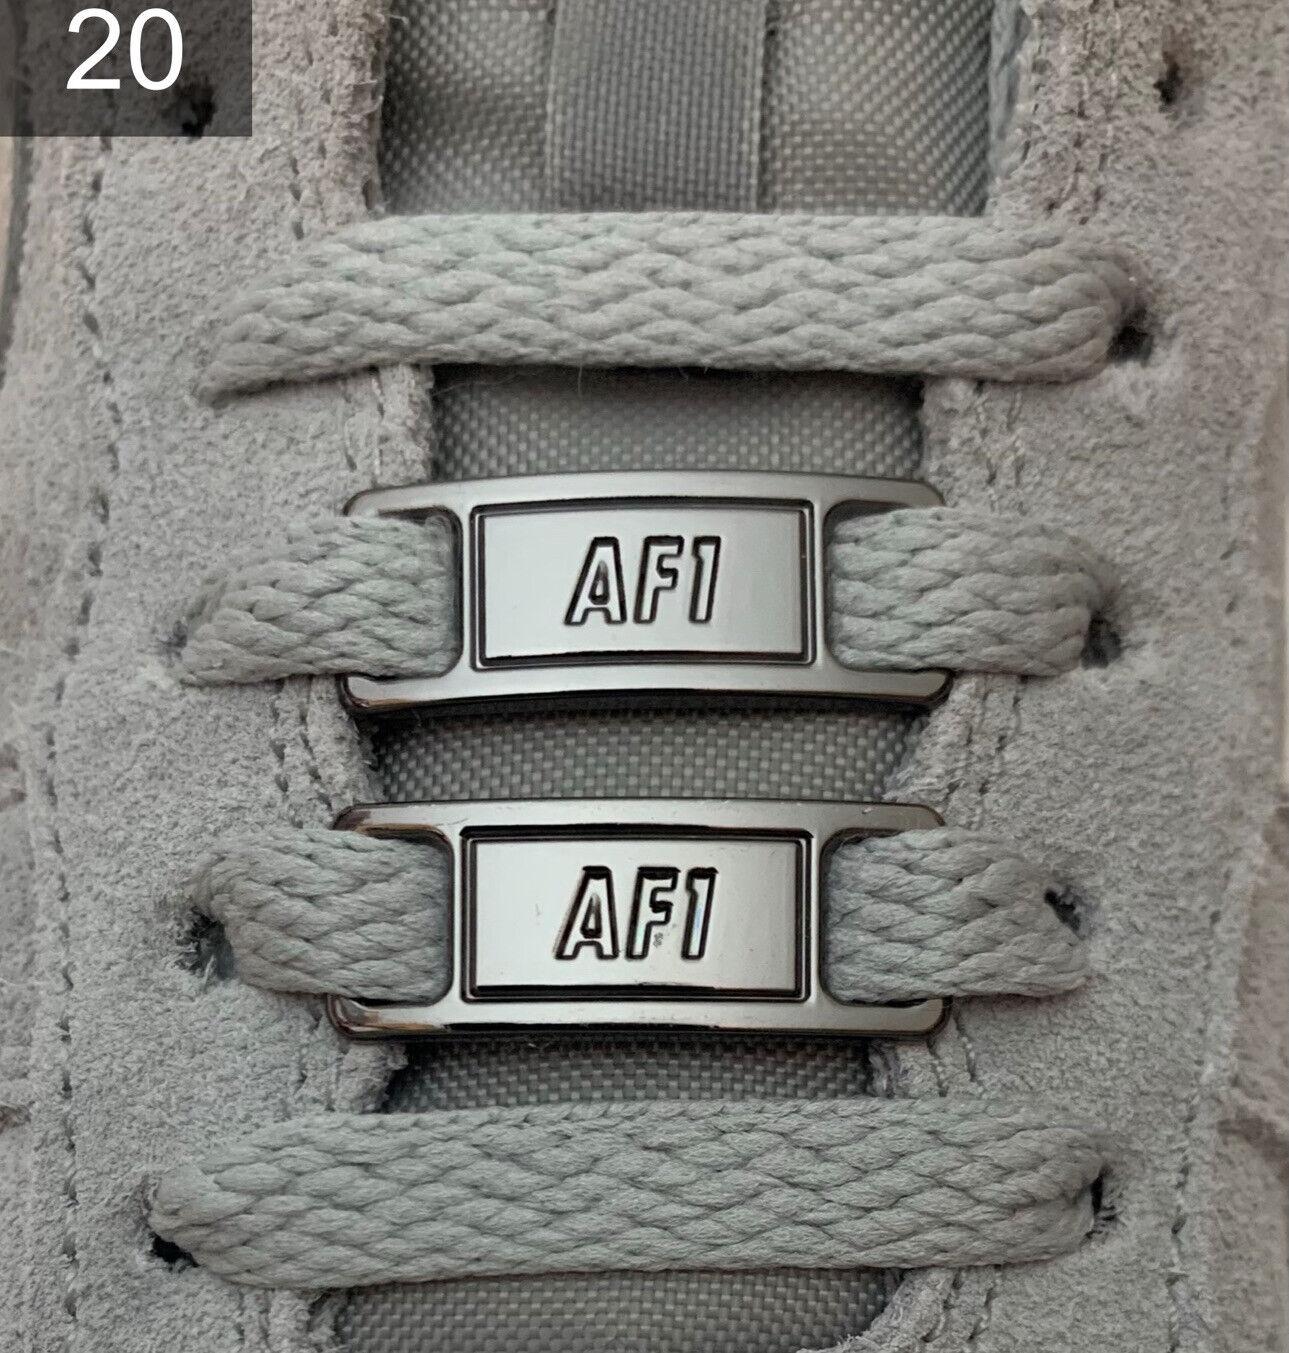 ❤ nuevas nike Air Force 1 hebillas Lace Locks Buckles negro plata 2 unid. ✅